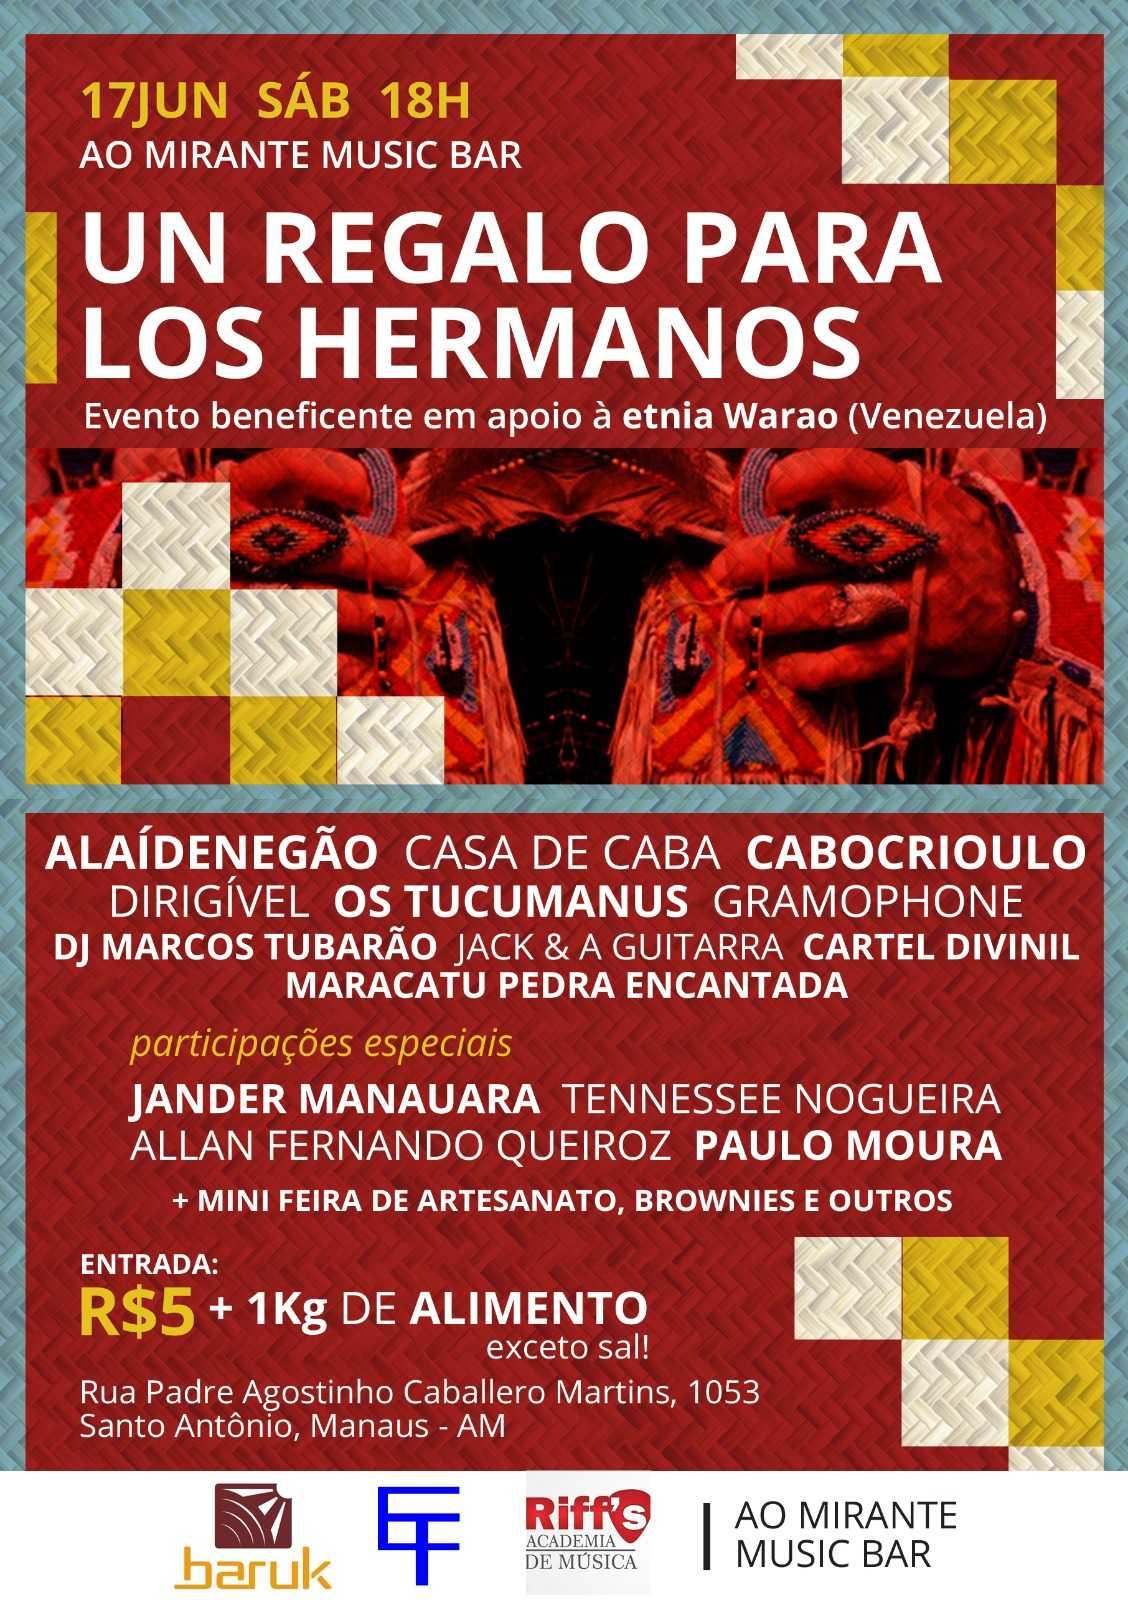 Un Regalo para Los Hermanos une Música e Solidariedade em Manaus